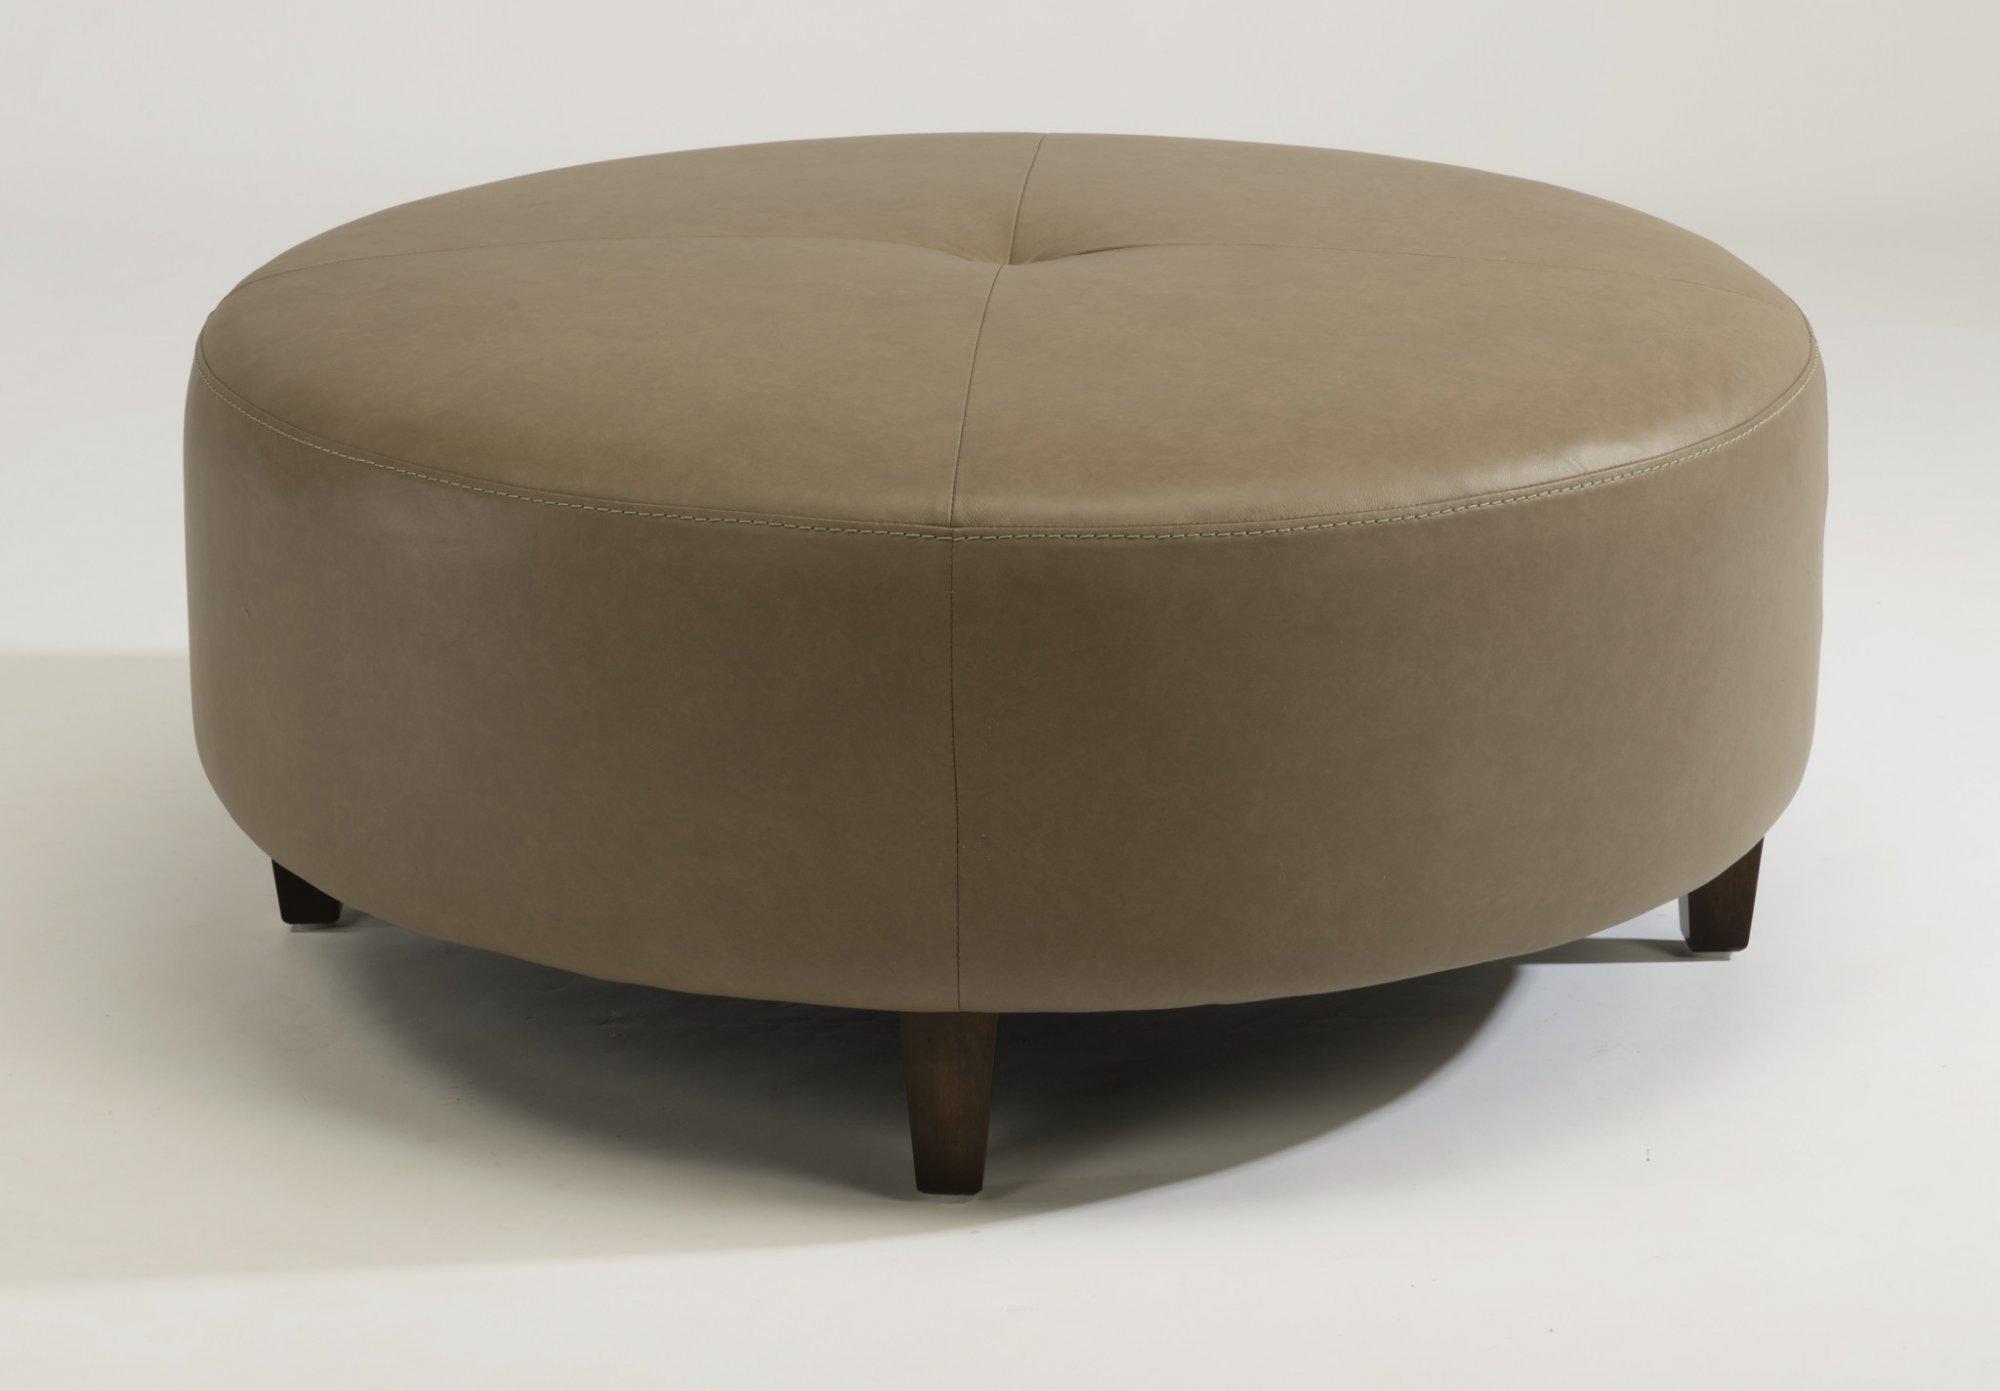 Awesome Flexsteel 1337 094 Wyman Leather Cocktail Ottoman Creativecarmelina Interior Chair Design Creativecarmelinacom